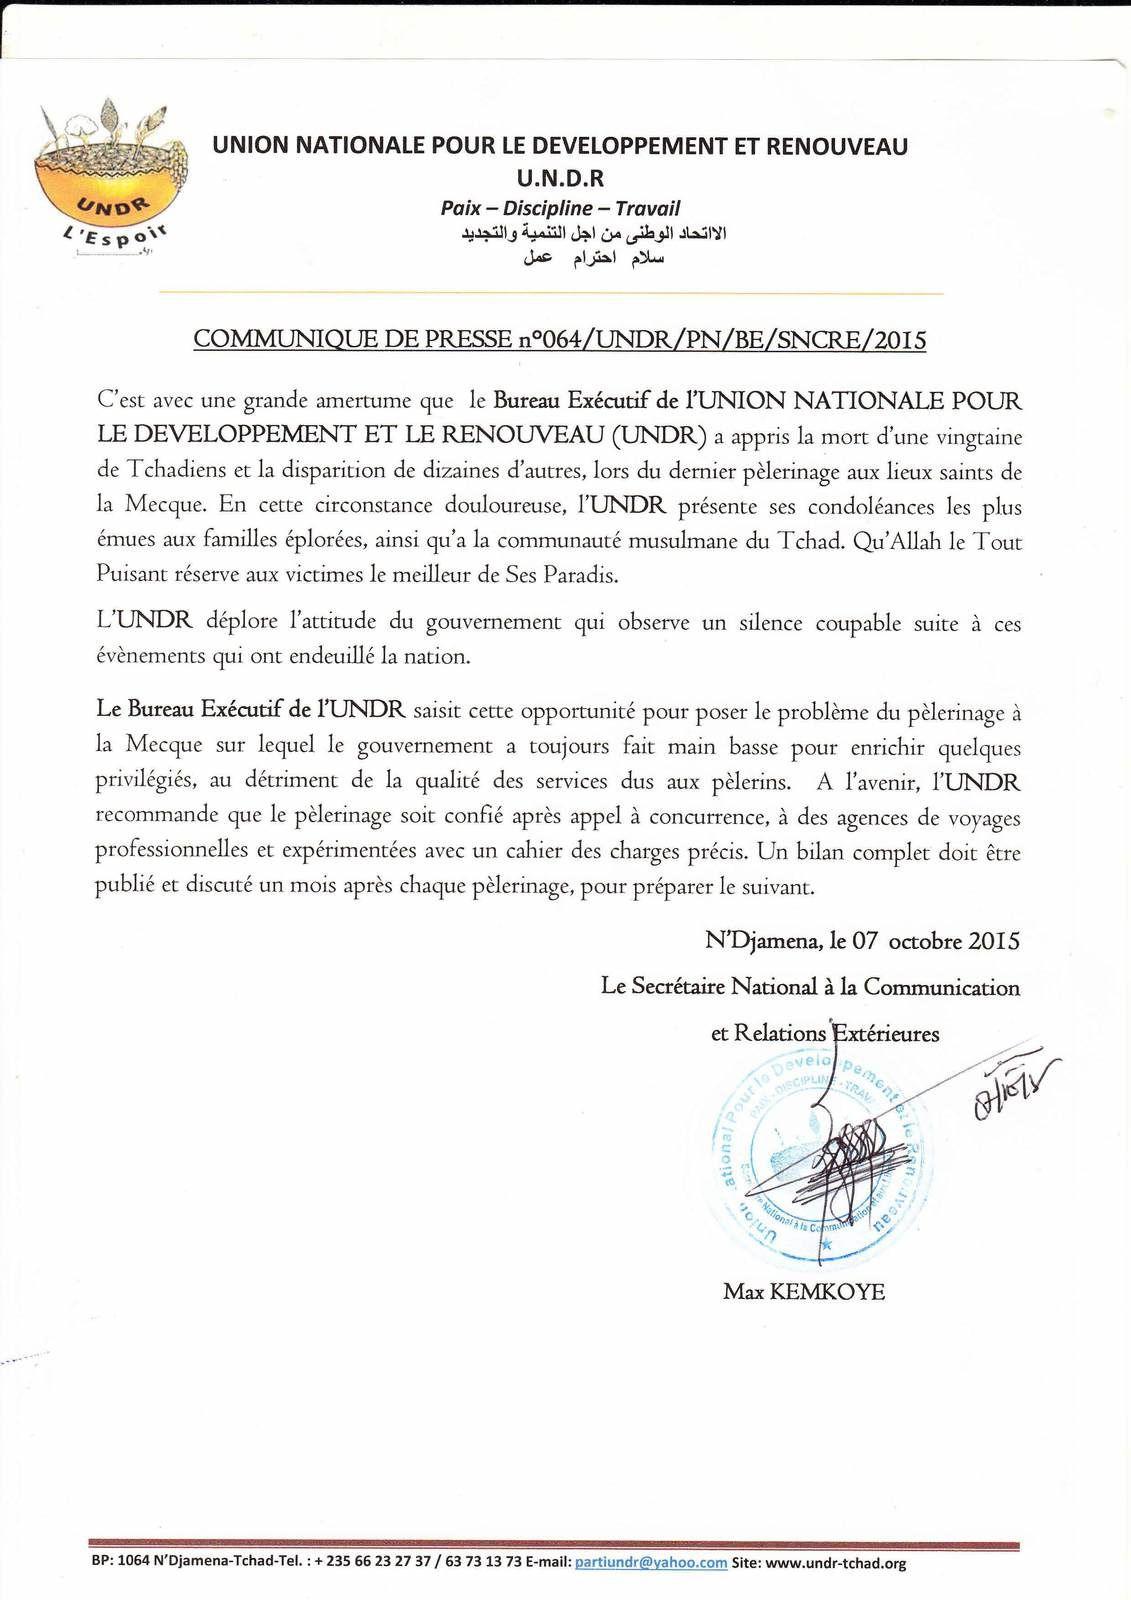 Pélérins tchadiens morts à la mecque: l'UNDR exige des autorités le bilan complét